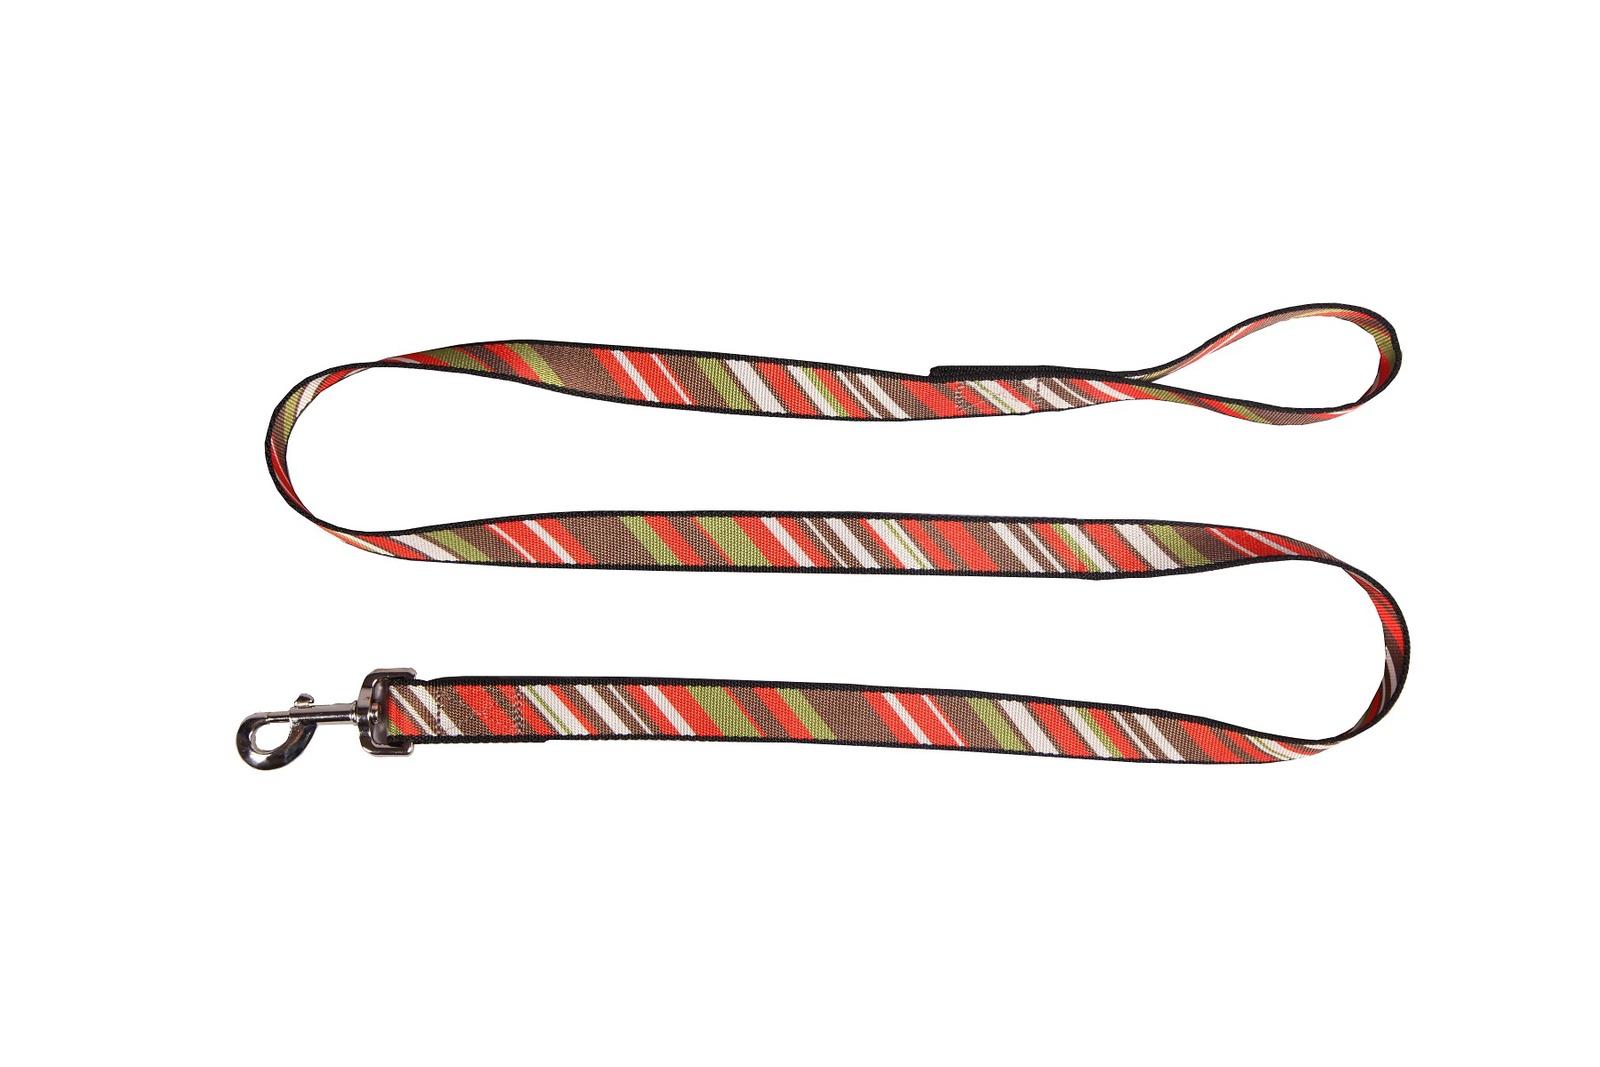 Поводок JOY 25мм х 1,5м стропа полоски наискосок для собак, красный, зеленый, черный2АМА00349Поводок для собак крупных и средних пород. Изготовлен из плотной стропы шириной 25 мм. со стильным рисунком высокого качества, устойчивым к истиранию, к выгоранию на солнце, а также к воздействию влаги. Подобрана оптимальная длина поводка, которая позволяет выгуливать собаку под контролем. Для изготовления поводка использована плотная и толстая стропа, которая не растягивается со временем. Фурнитура поводка высокого качества, обеспечивает долгий срок службы изделия, безопасность собаки и выдерживает нагрузку до 300 кг.